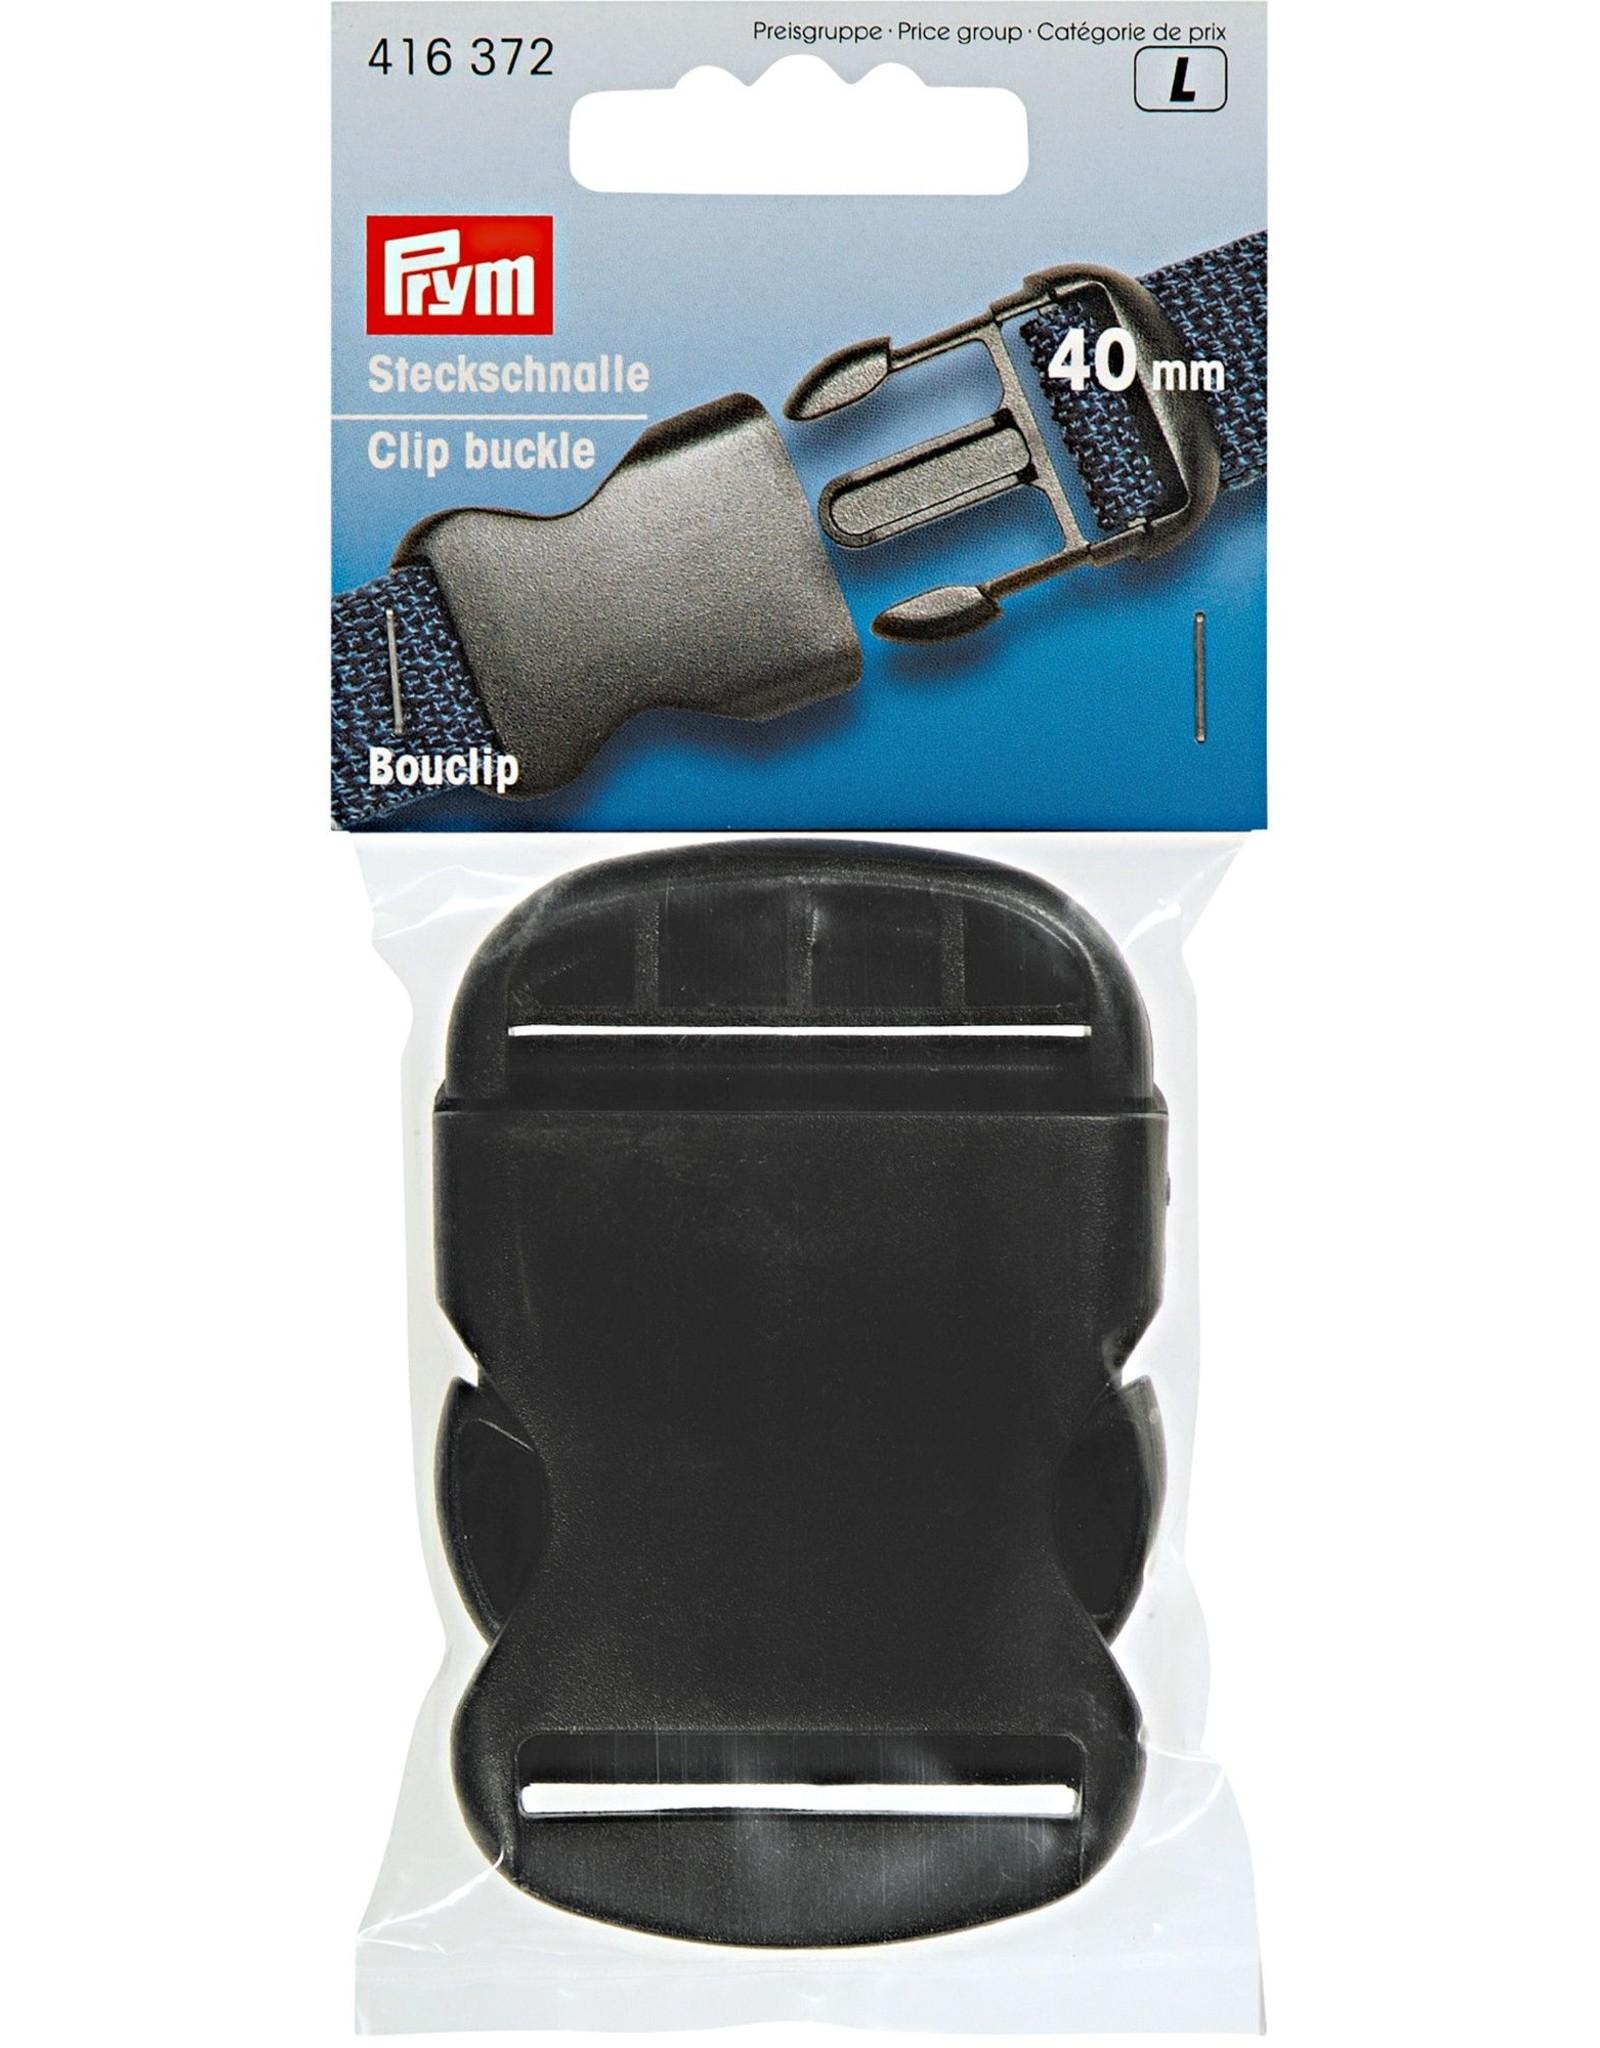 Prym Prym  - Klikgesp 40mm  - 416 372